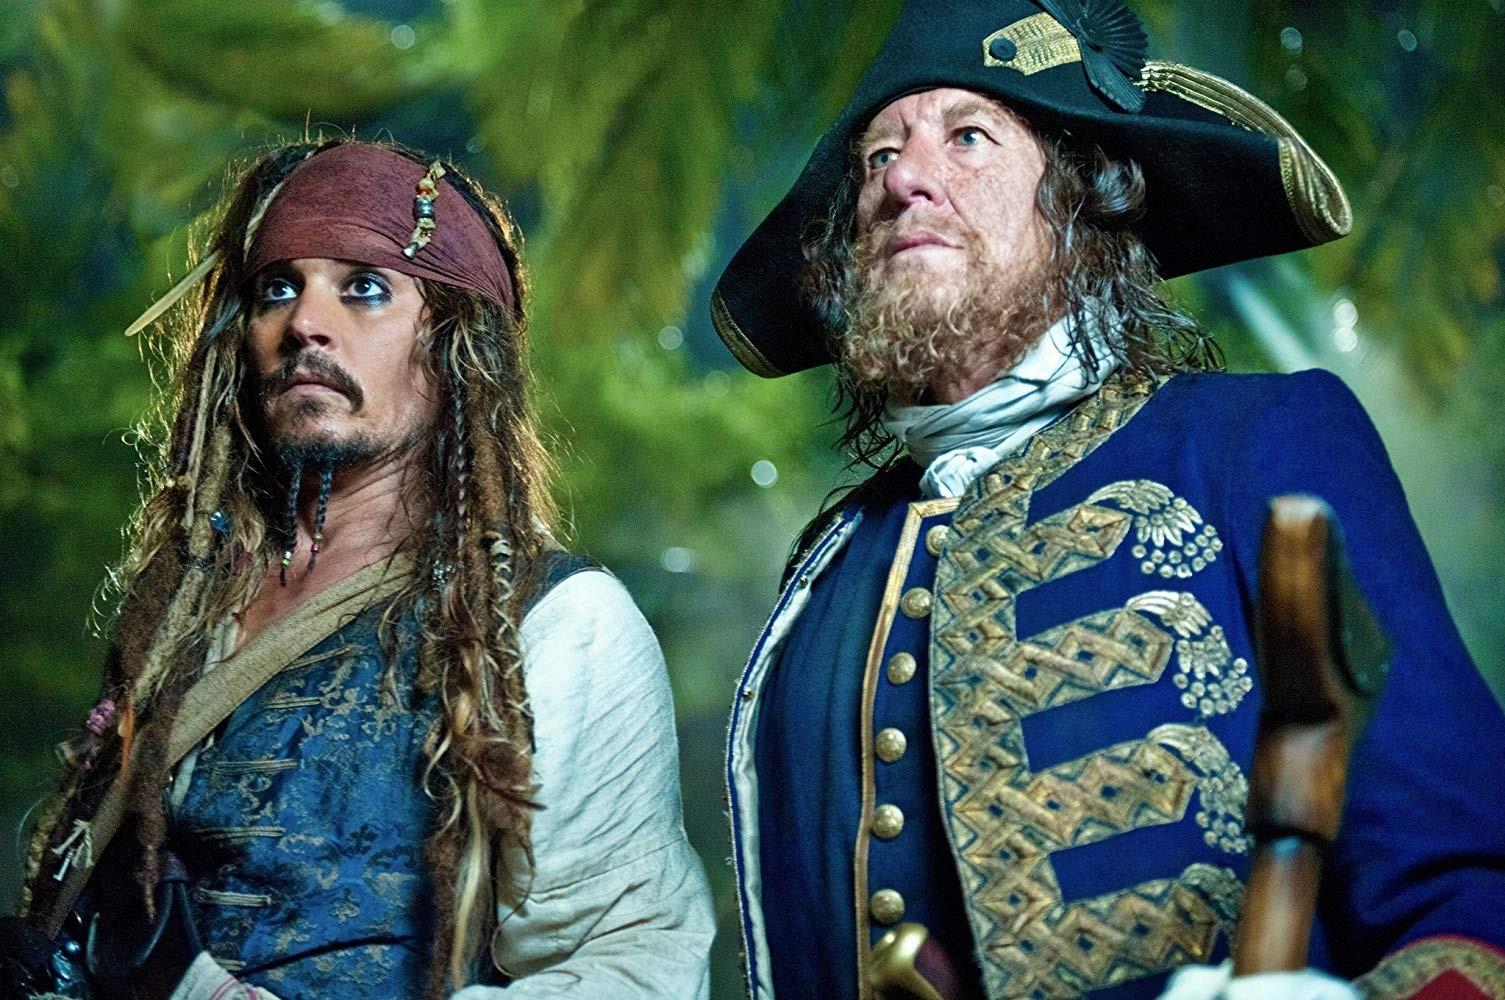 Johnny Depp e Geoffrey Rush em Piratas do Caribe: Navegando em Águas Misteriosas (2011) (Foto: Divulgação)